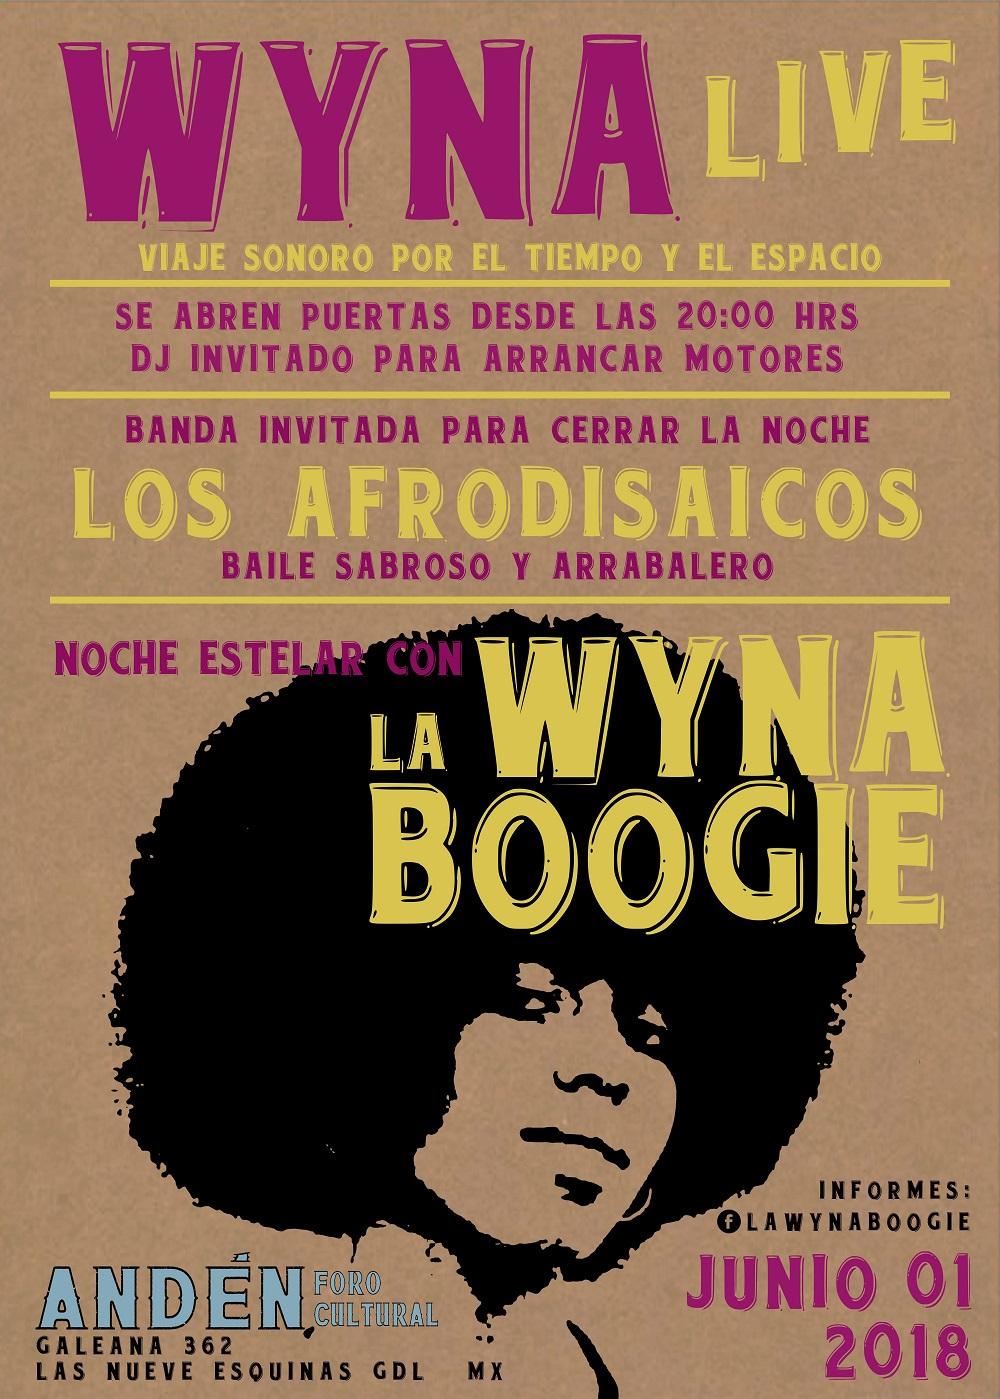 La Wyna Boogie / Andén Foro Cultural / 1de junio, 20:00 hrs